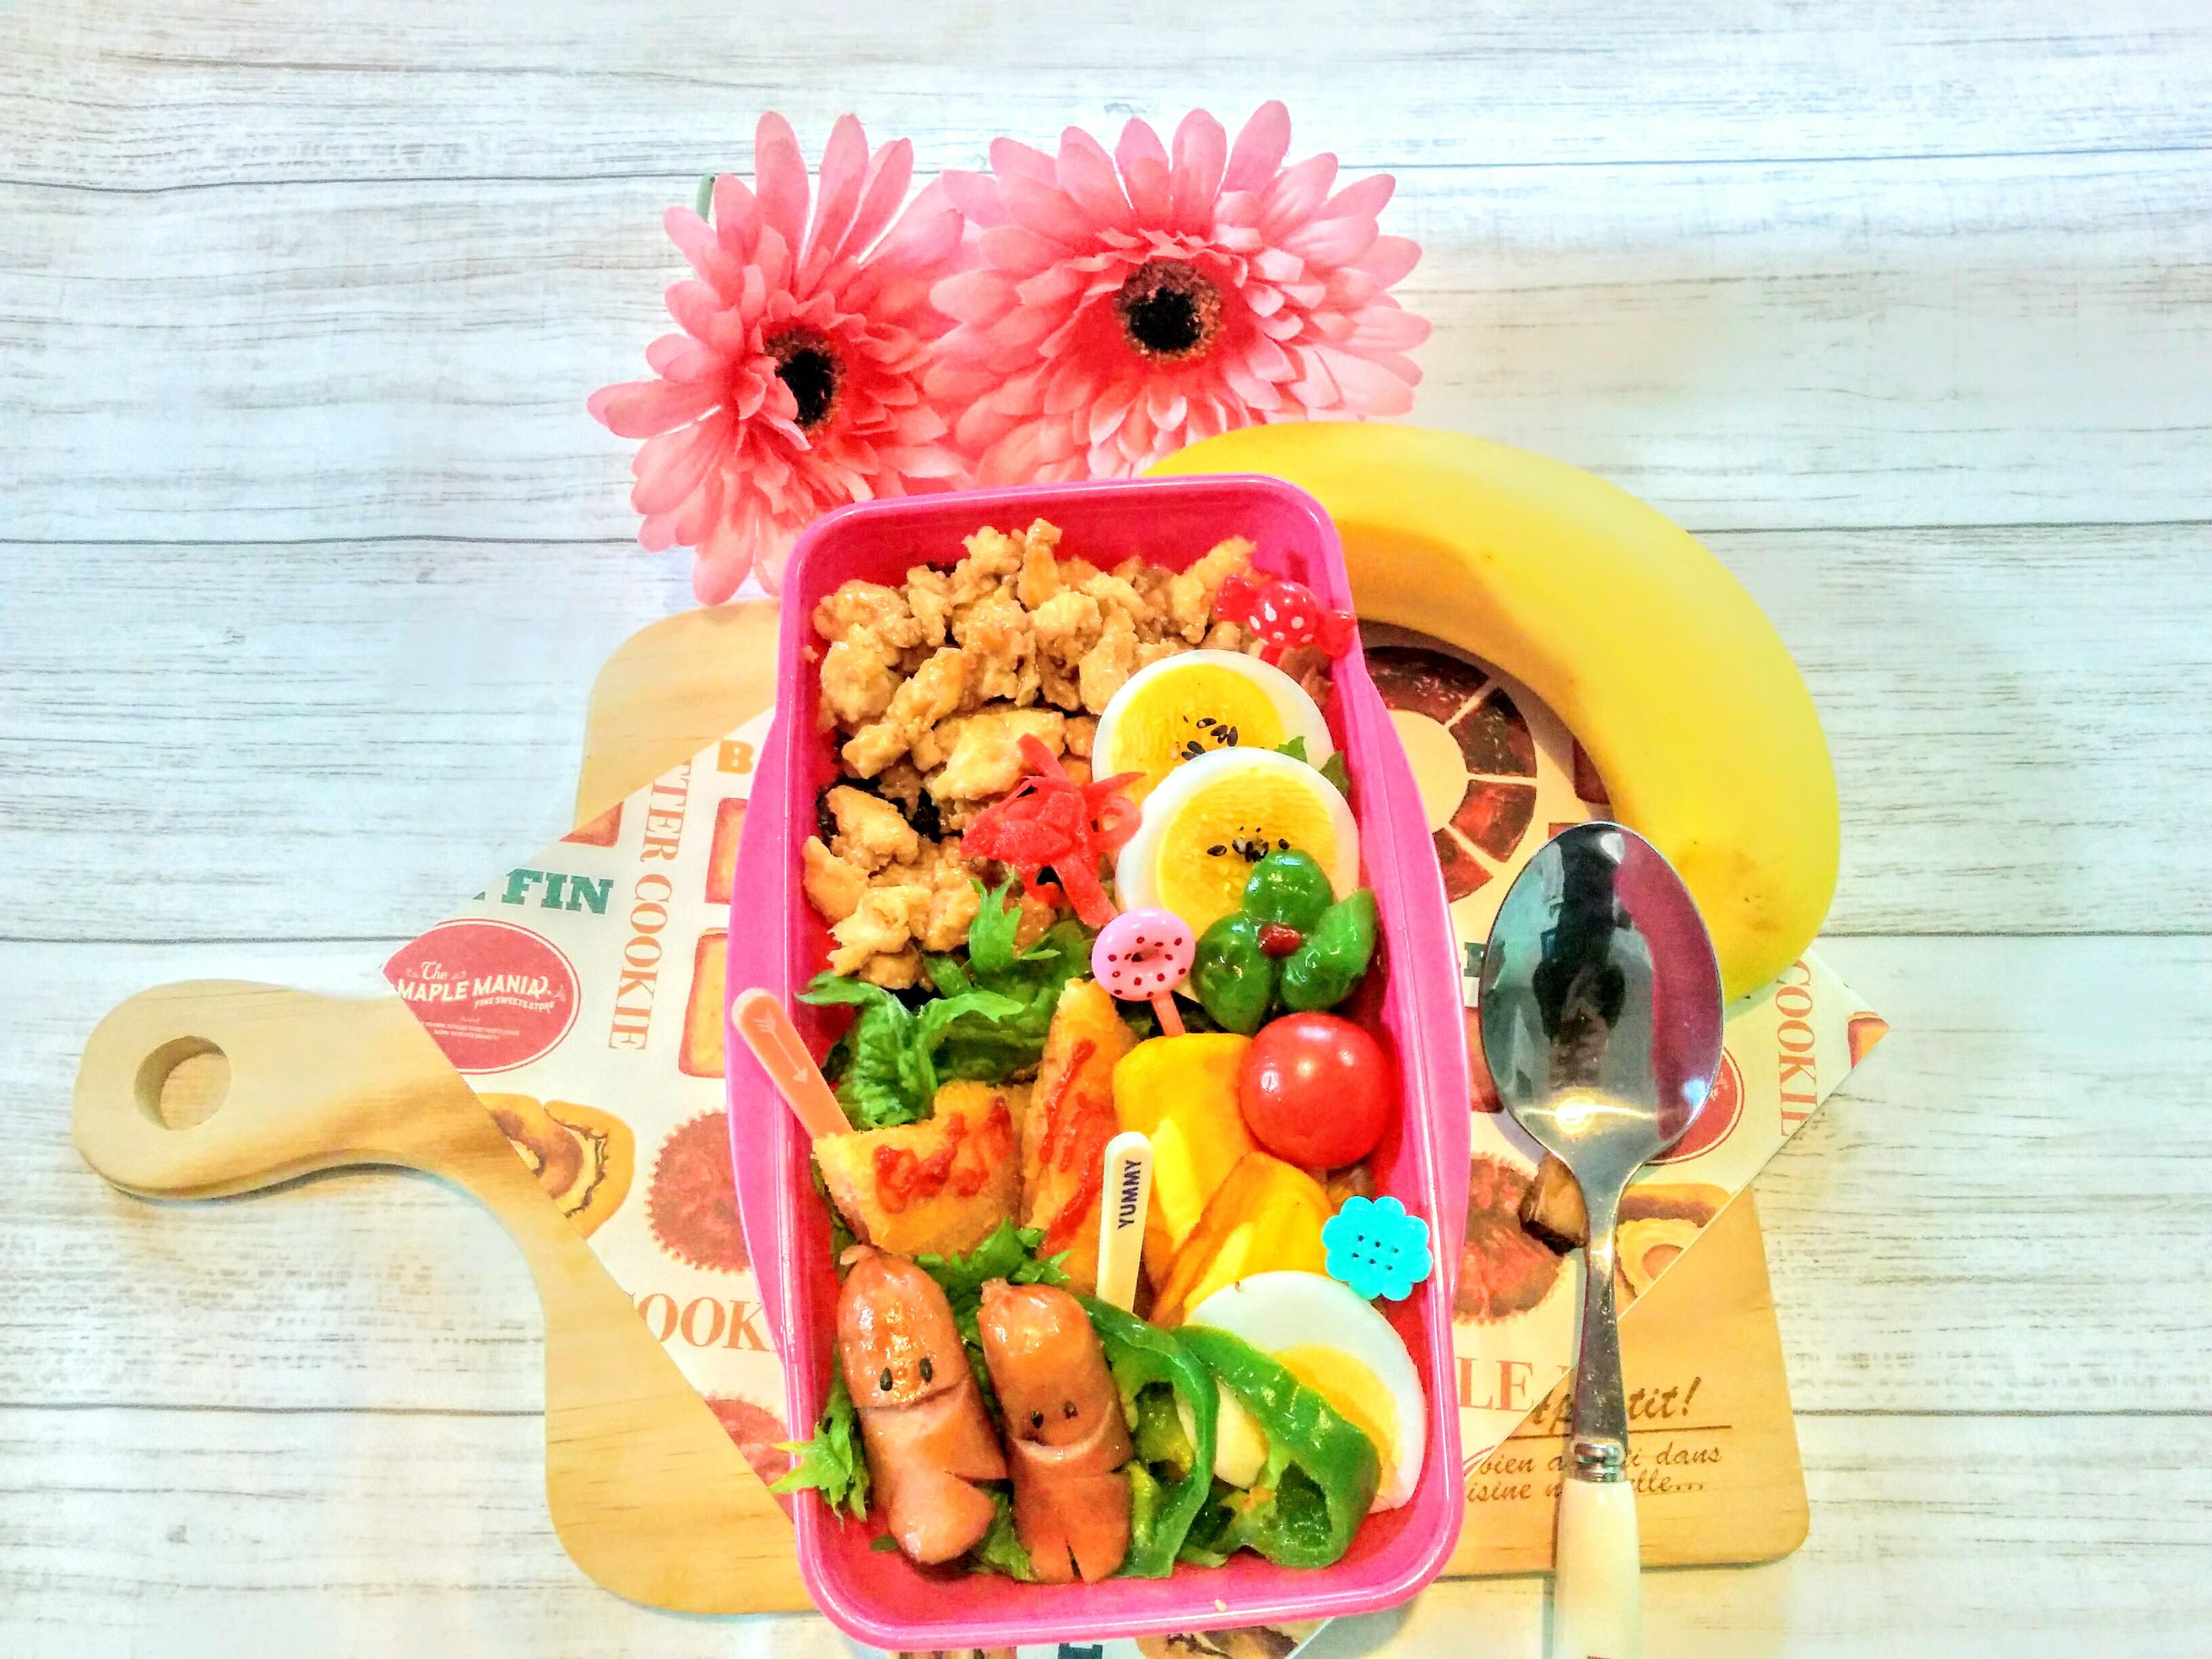 【小樽】娘の今日のお弁当・鶏そぼろ弁当グルメ案内です。